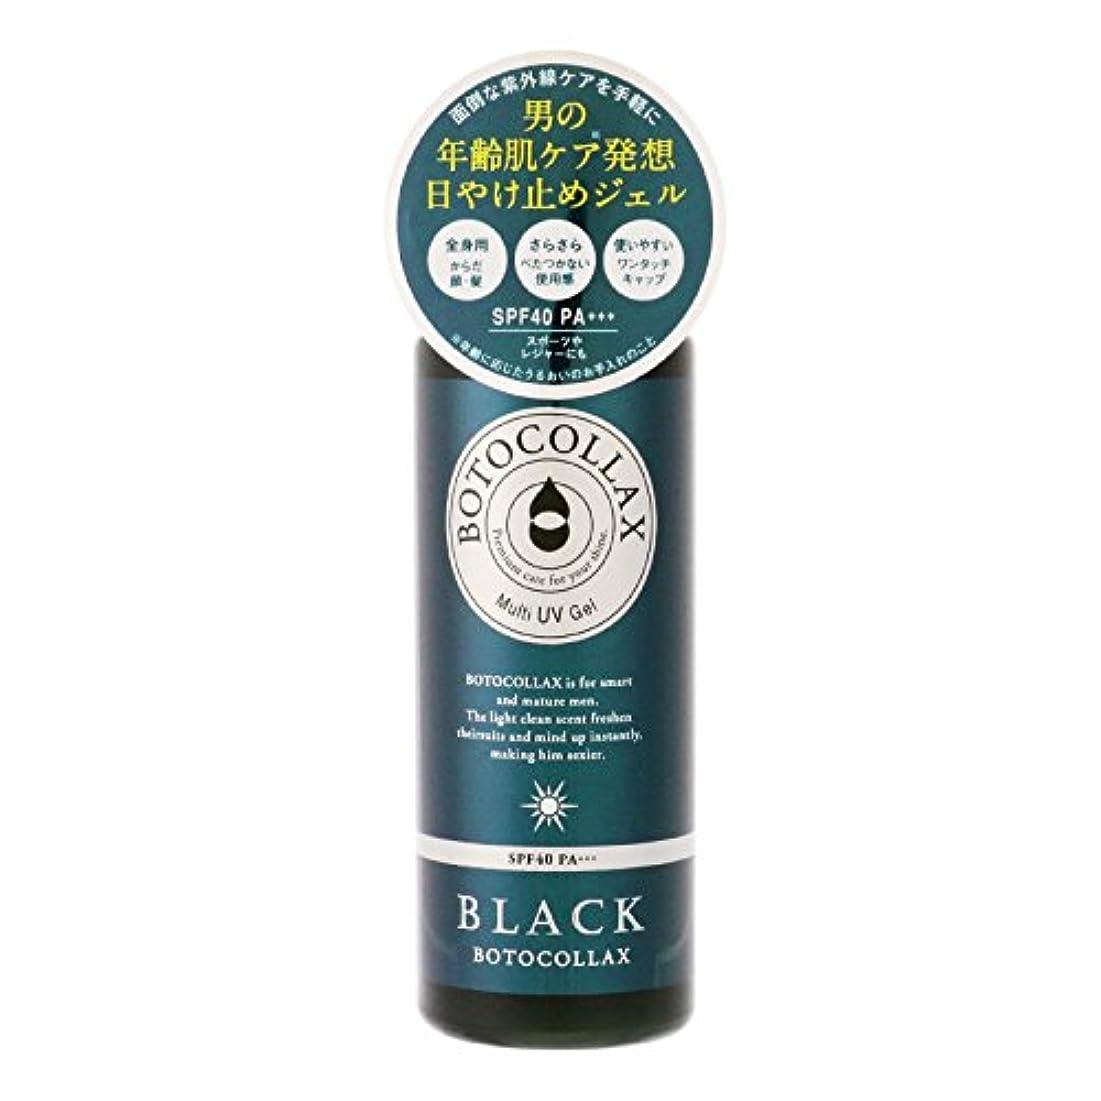 ミキサー時期尚早活性化するボトコラックスブラック オーシャン マルチUVジェル ベルガモットグリーンの香り 70g